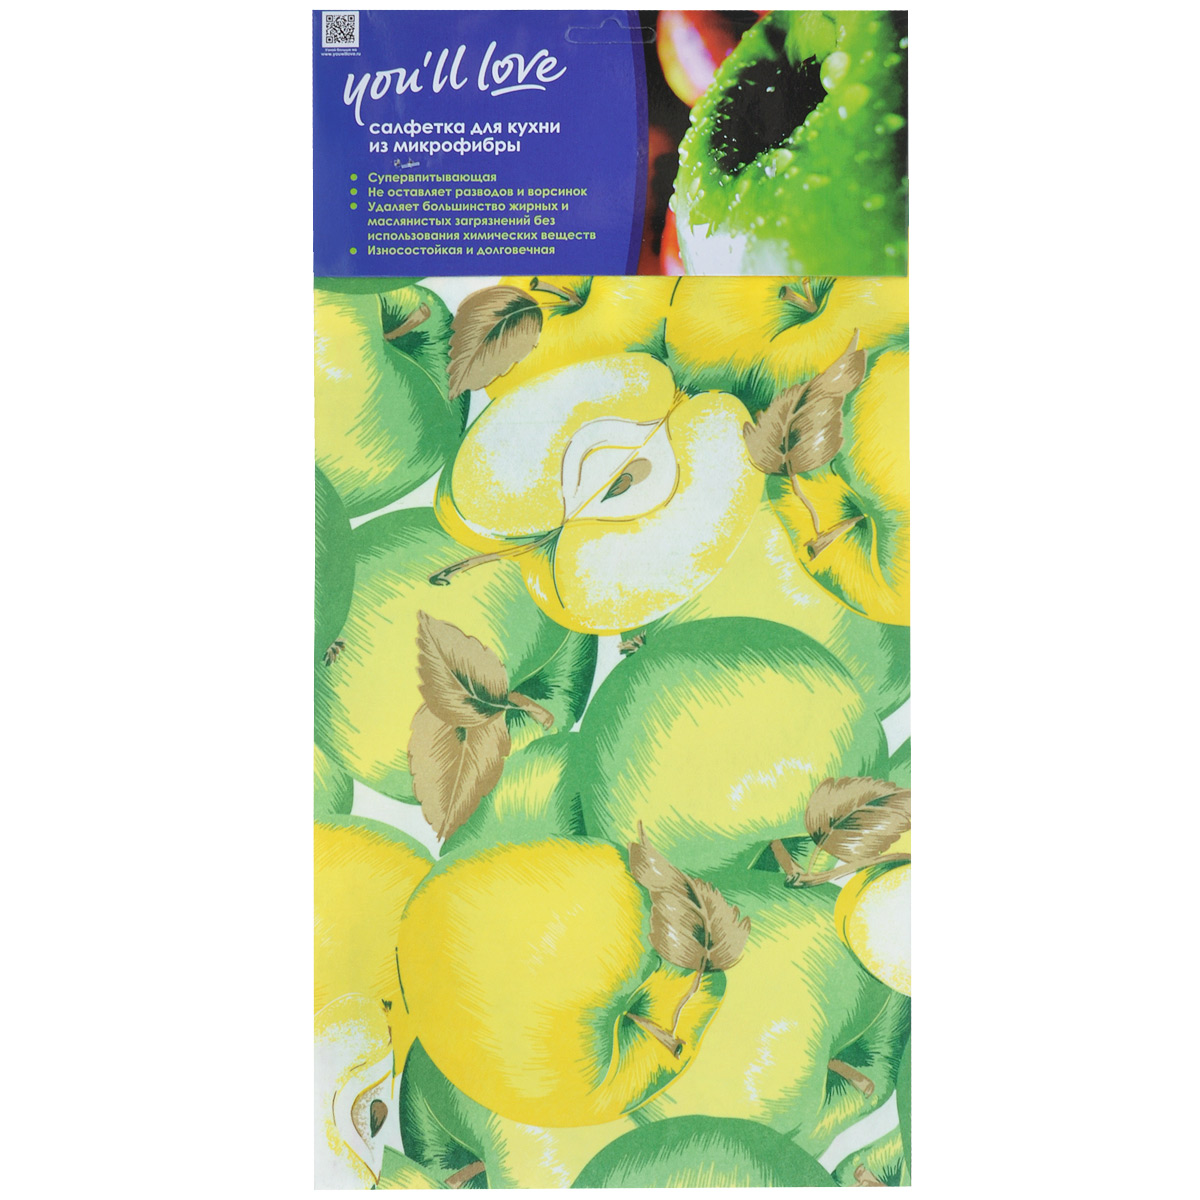 Салфетка для кухни Youll Love Яблоко, цвет: зеленый, желтый, 40 см х 60 см57982Салфетка Youll Love Яблоко, изготовленная из микрофибры (80% полиэстера и 20% полиамида), предназначена для очищения загрязнений на любых поверхностях. Изделие обладает высокой износоустойчивостью и рассчитано на многократное использование, легко моется в теплой воде с мягкими чистящими средствами. Супервпитывающая салфетка не оставляет разводов и ворсинок, удаляет большинство жирных и маслянистых загрязнений без использования химических средств. Размер салфетки: 40 см х 60 см.